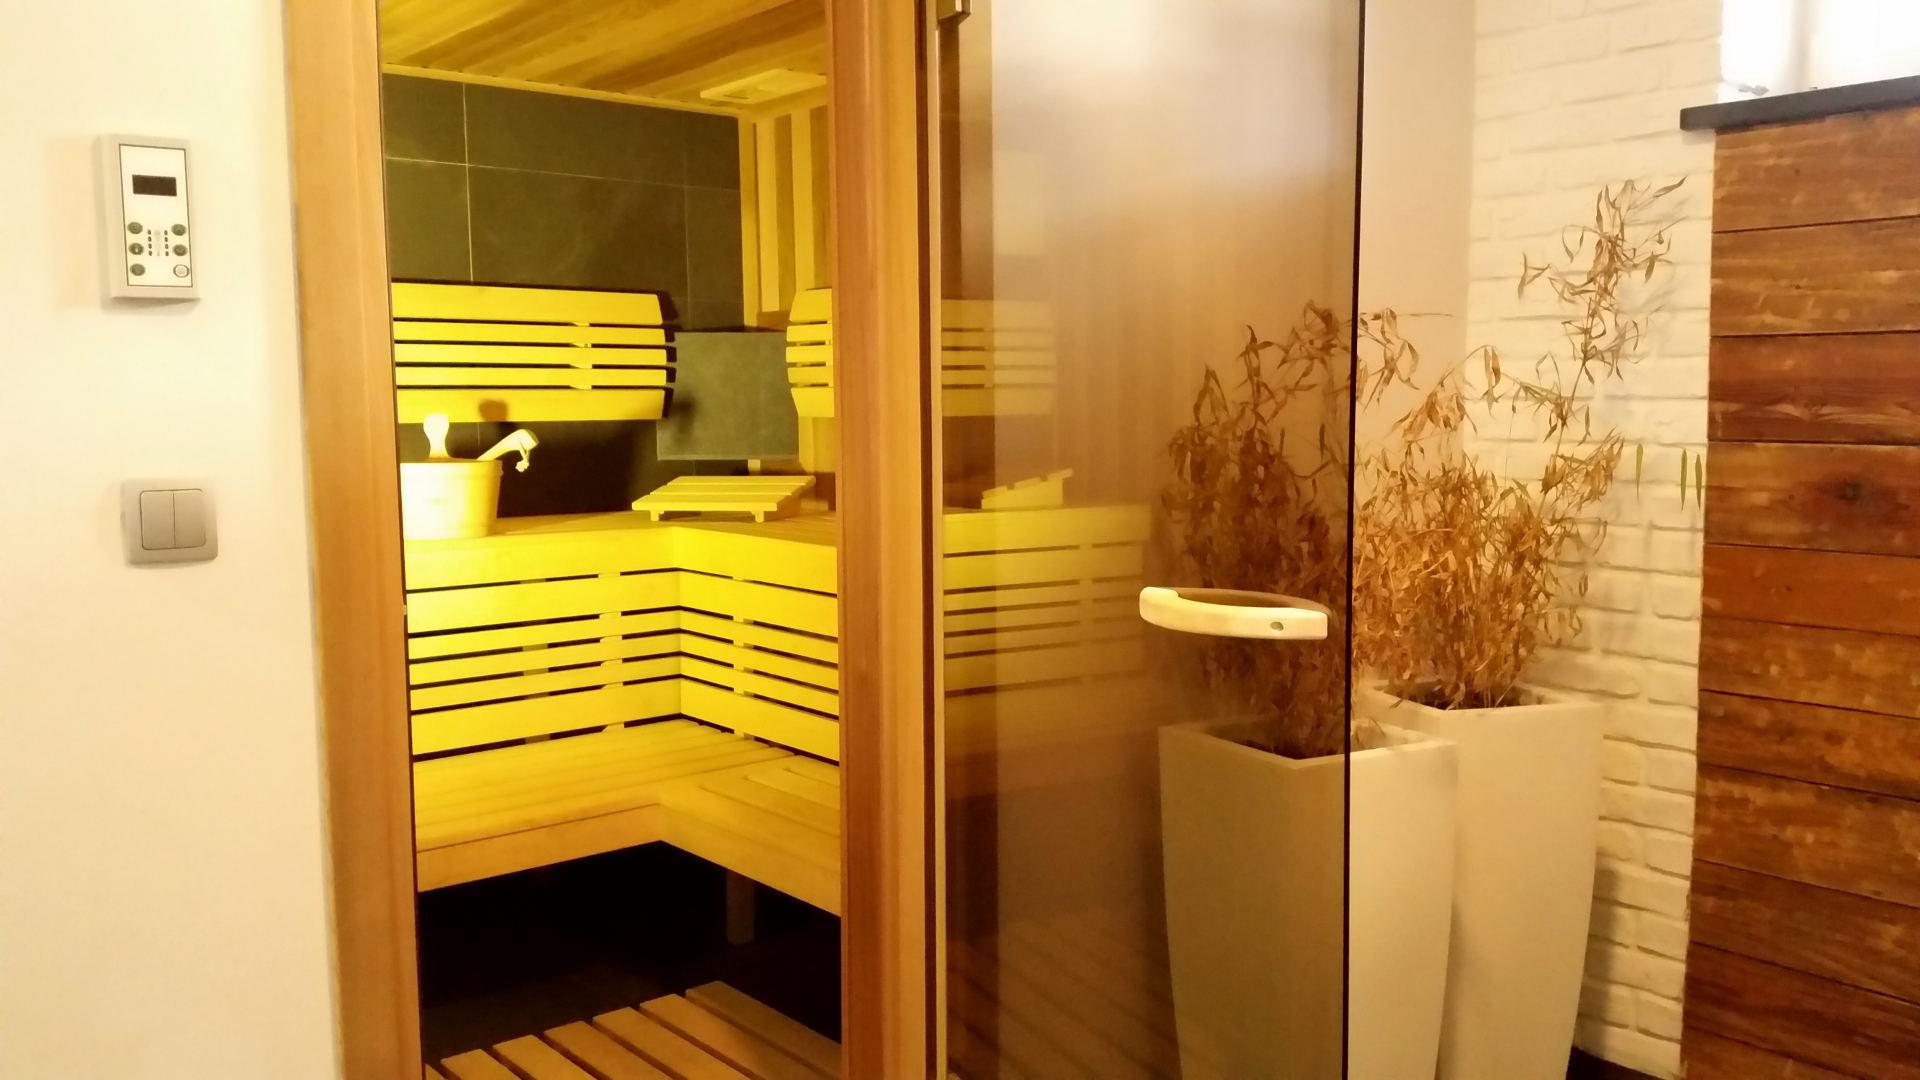 stary_mlyn_pokoj_z_sauna_2